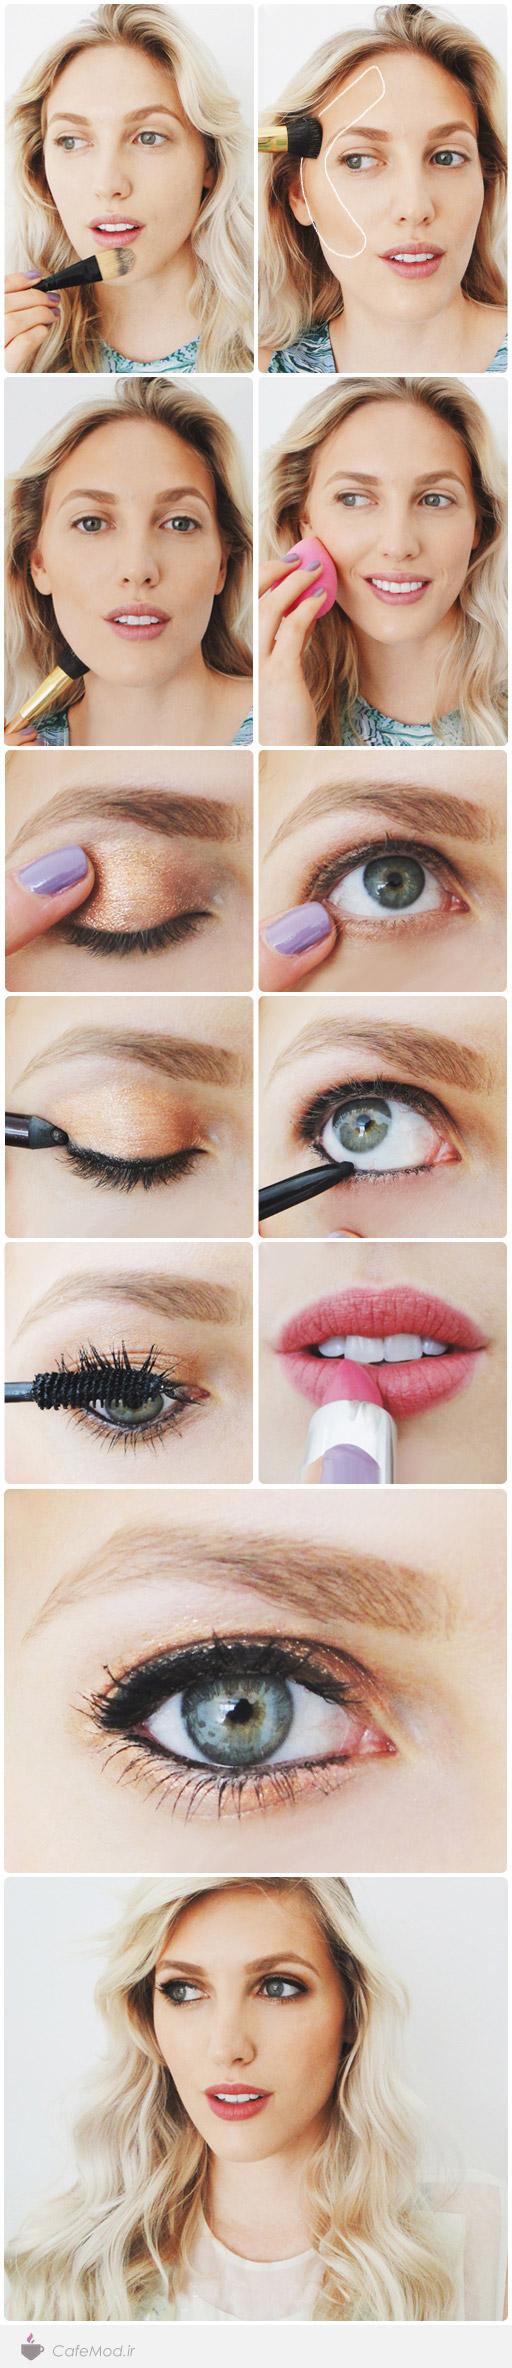 آموزش آرایش چهره